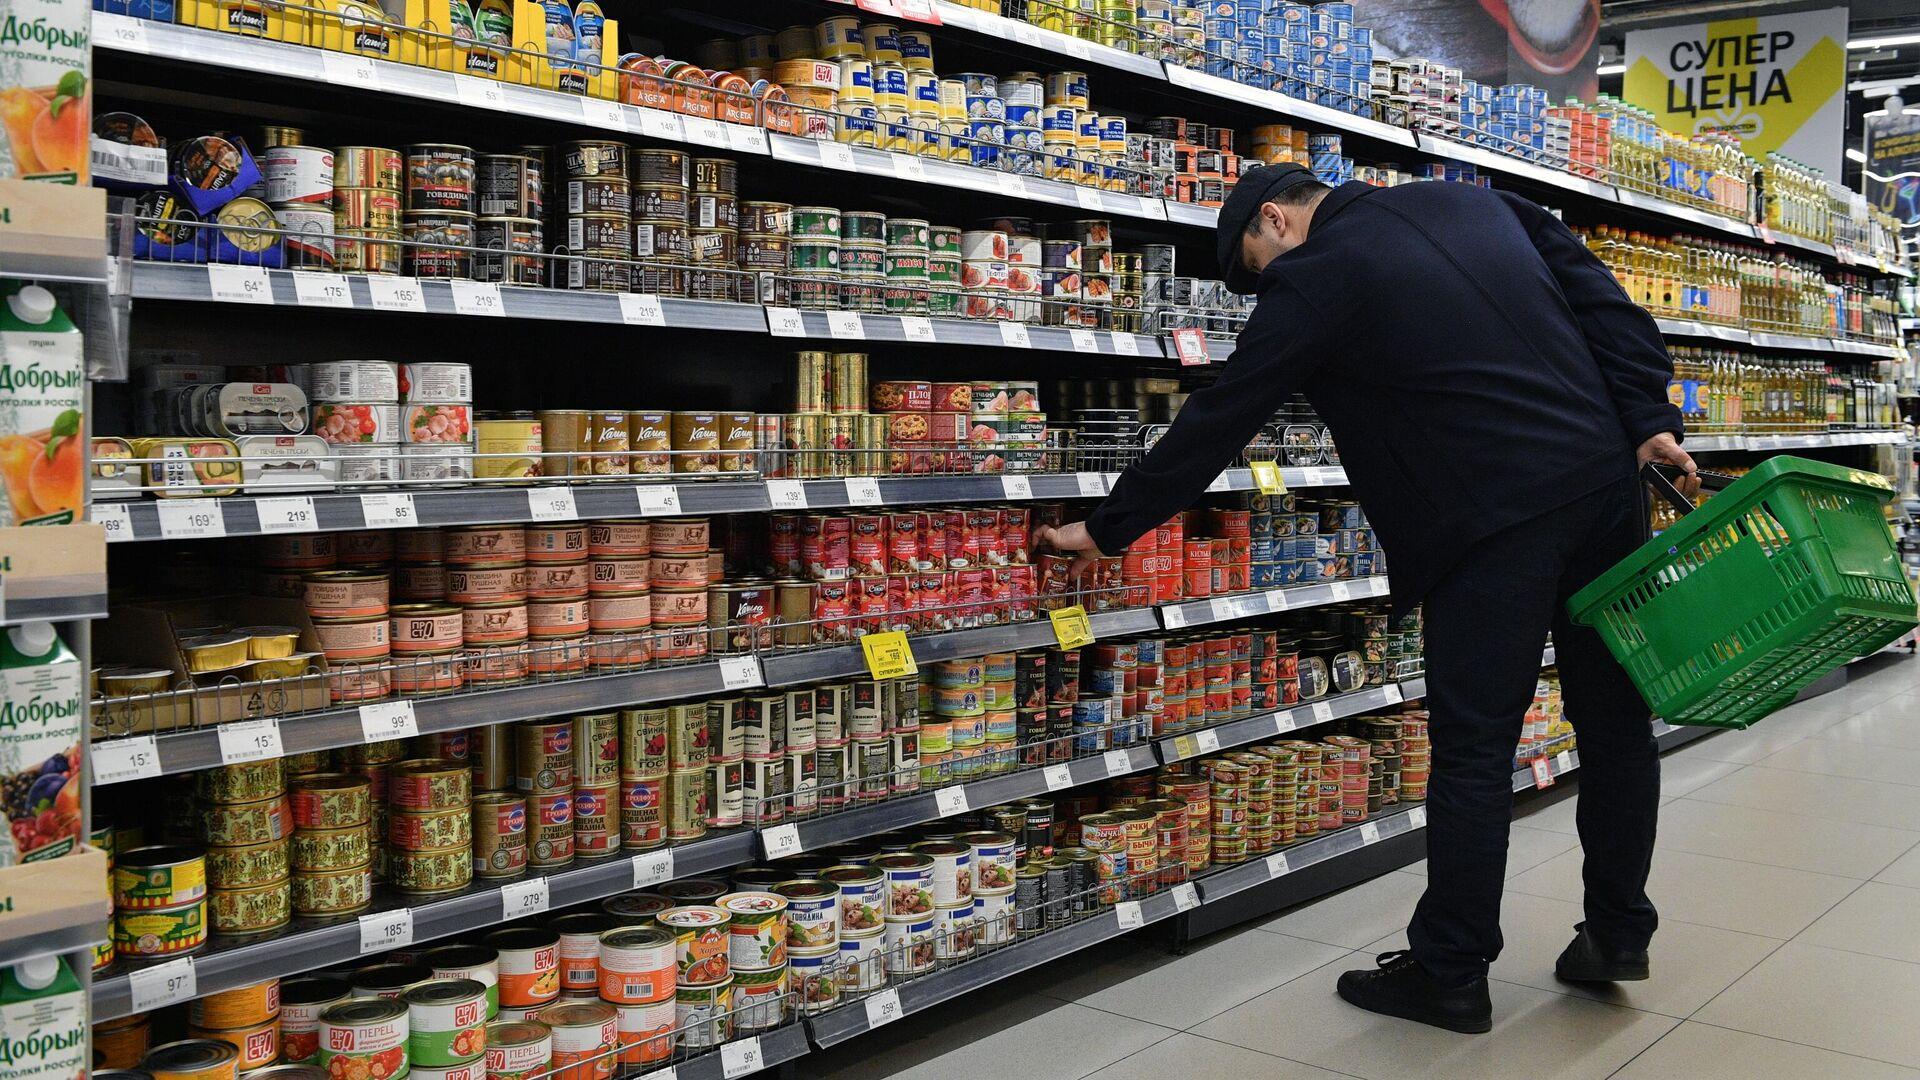 Покупатель выбирает консервы в одном из супермаркетов  - РИА Новости, 1920, 14.09.2021